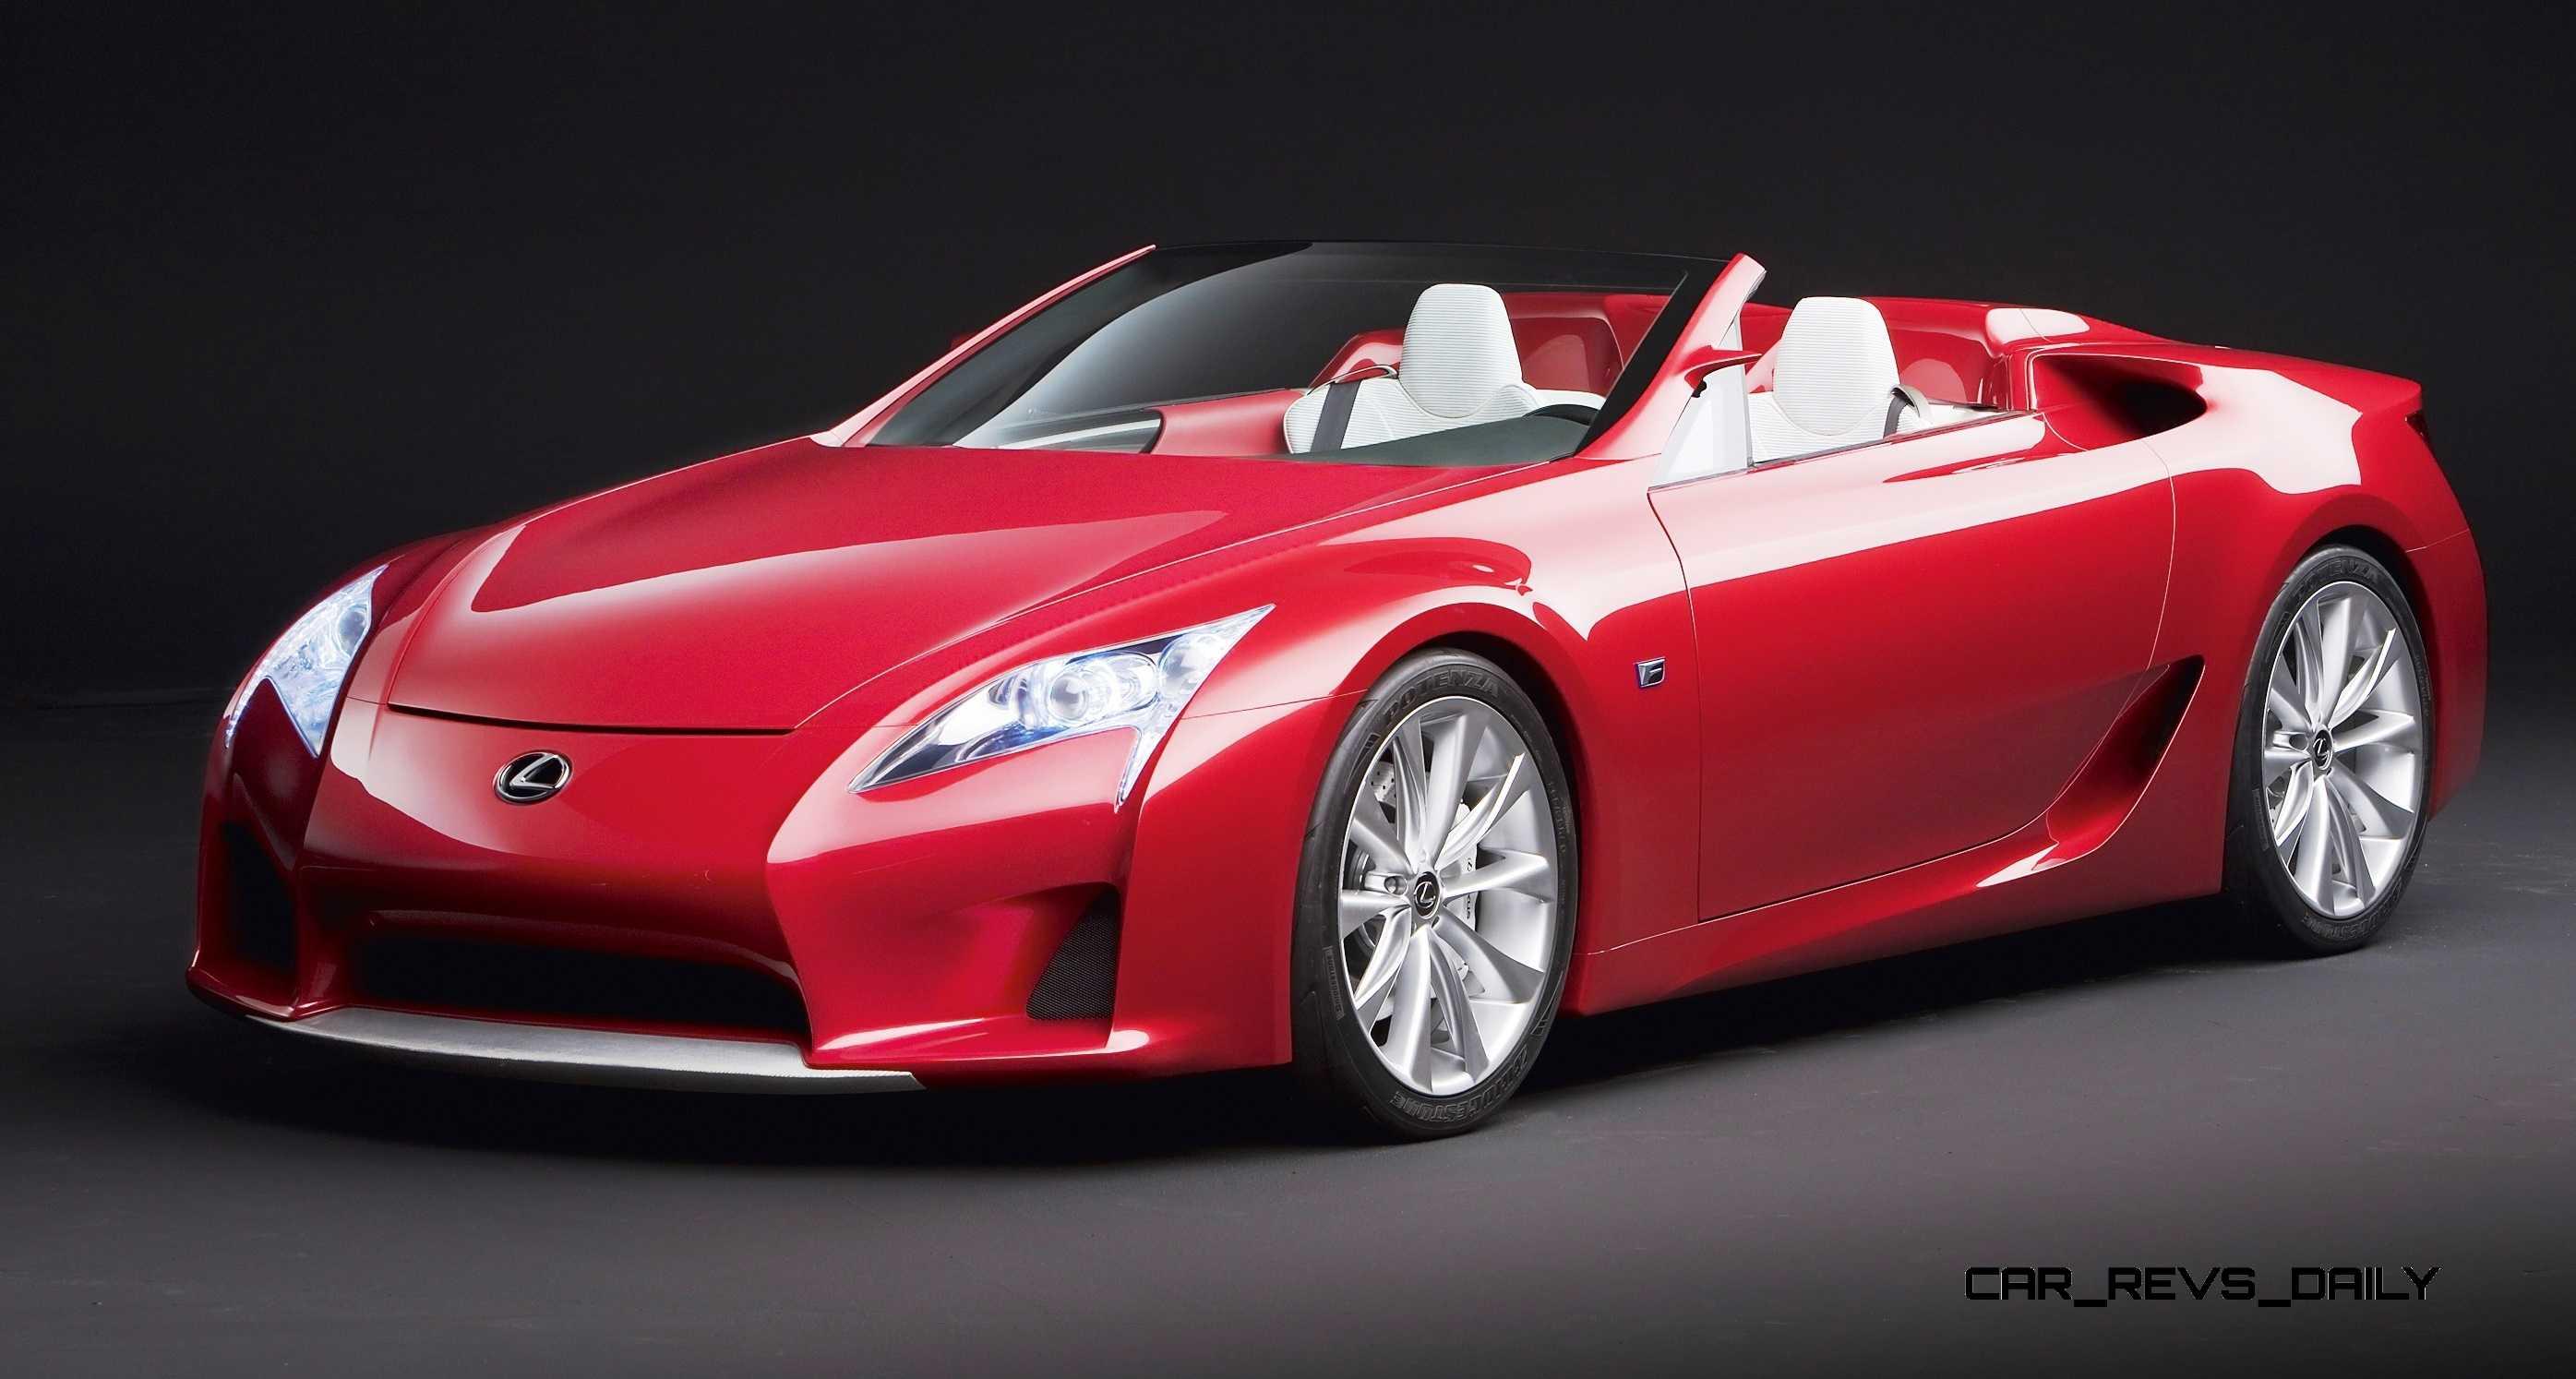 http://www.car-revs-daily.com/wp-content/uploads/2014/10/2007-Lexus-LF-A-Roadster-10.jpg